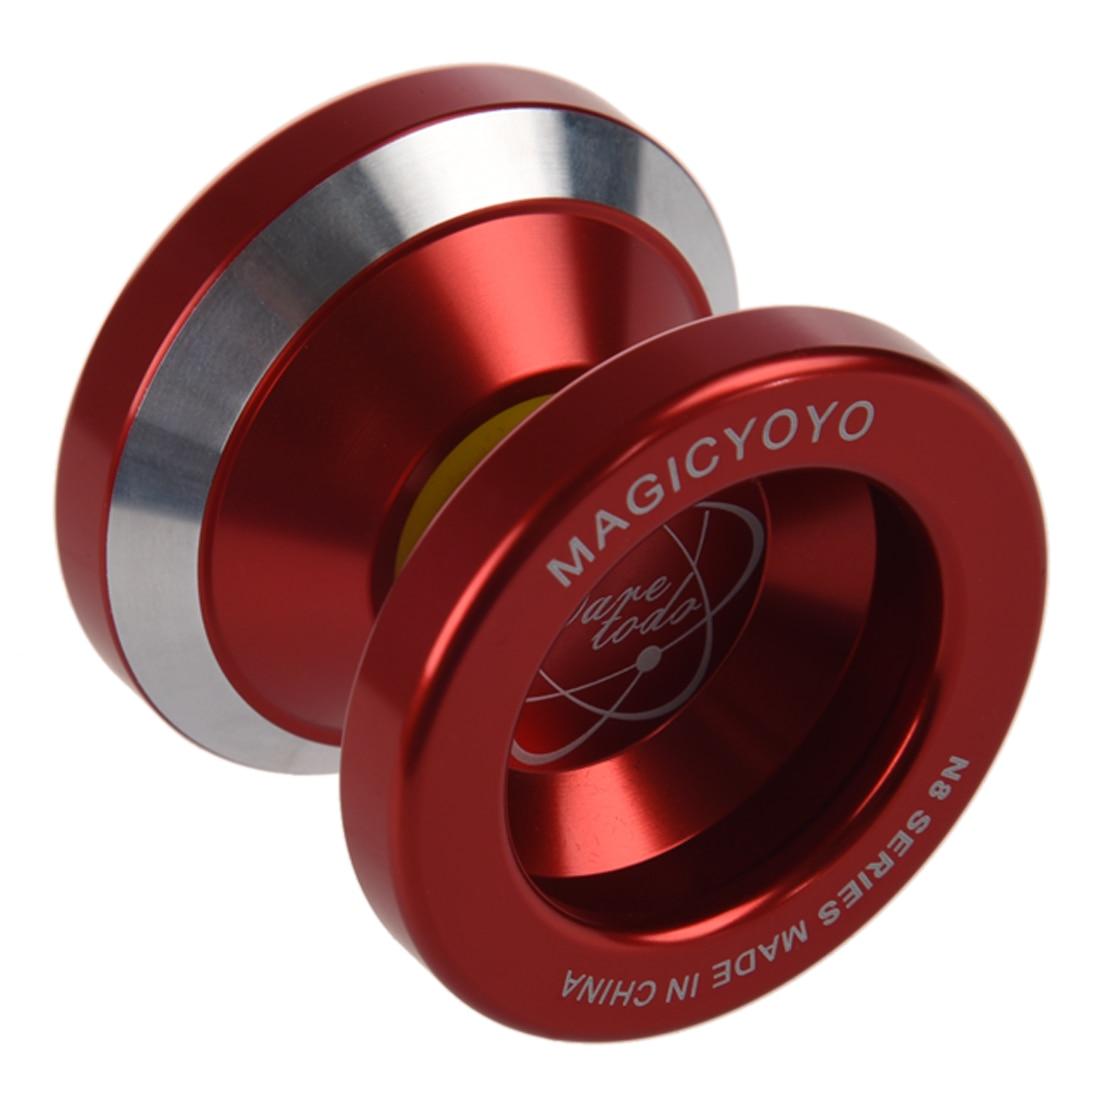 Magic yo-yo N8 Super profesional YoYo + String + bolsa gratis + guante gratis (rojo)